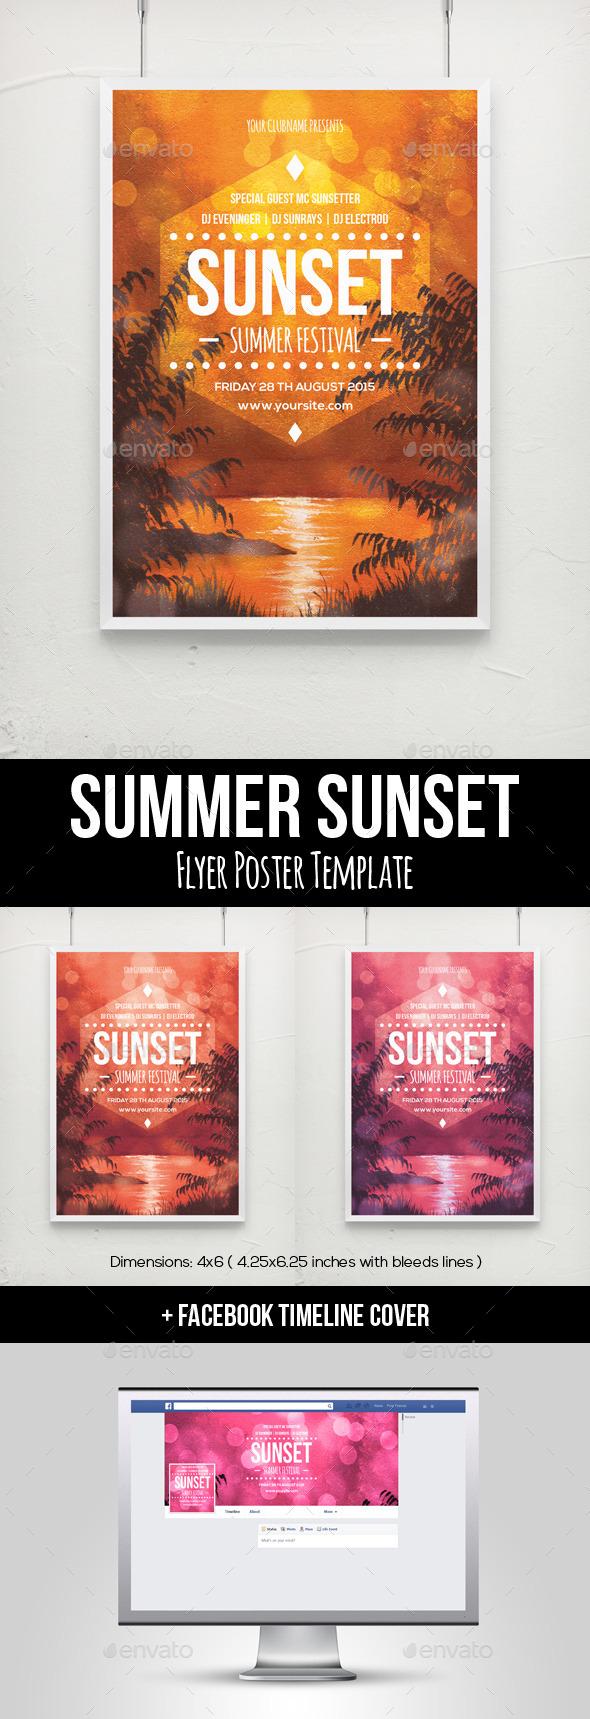 Summer Sunset Flyer Poster Template